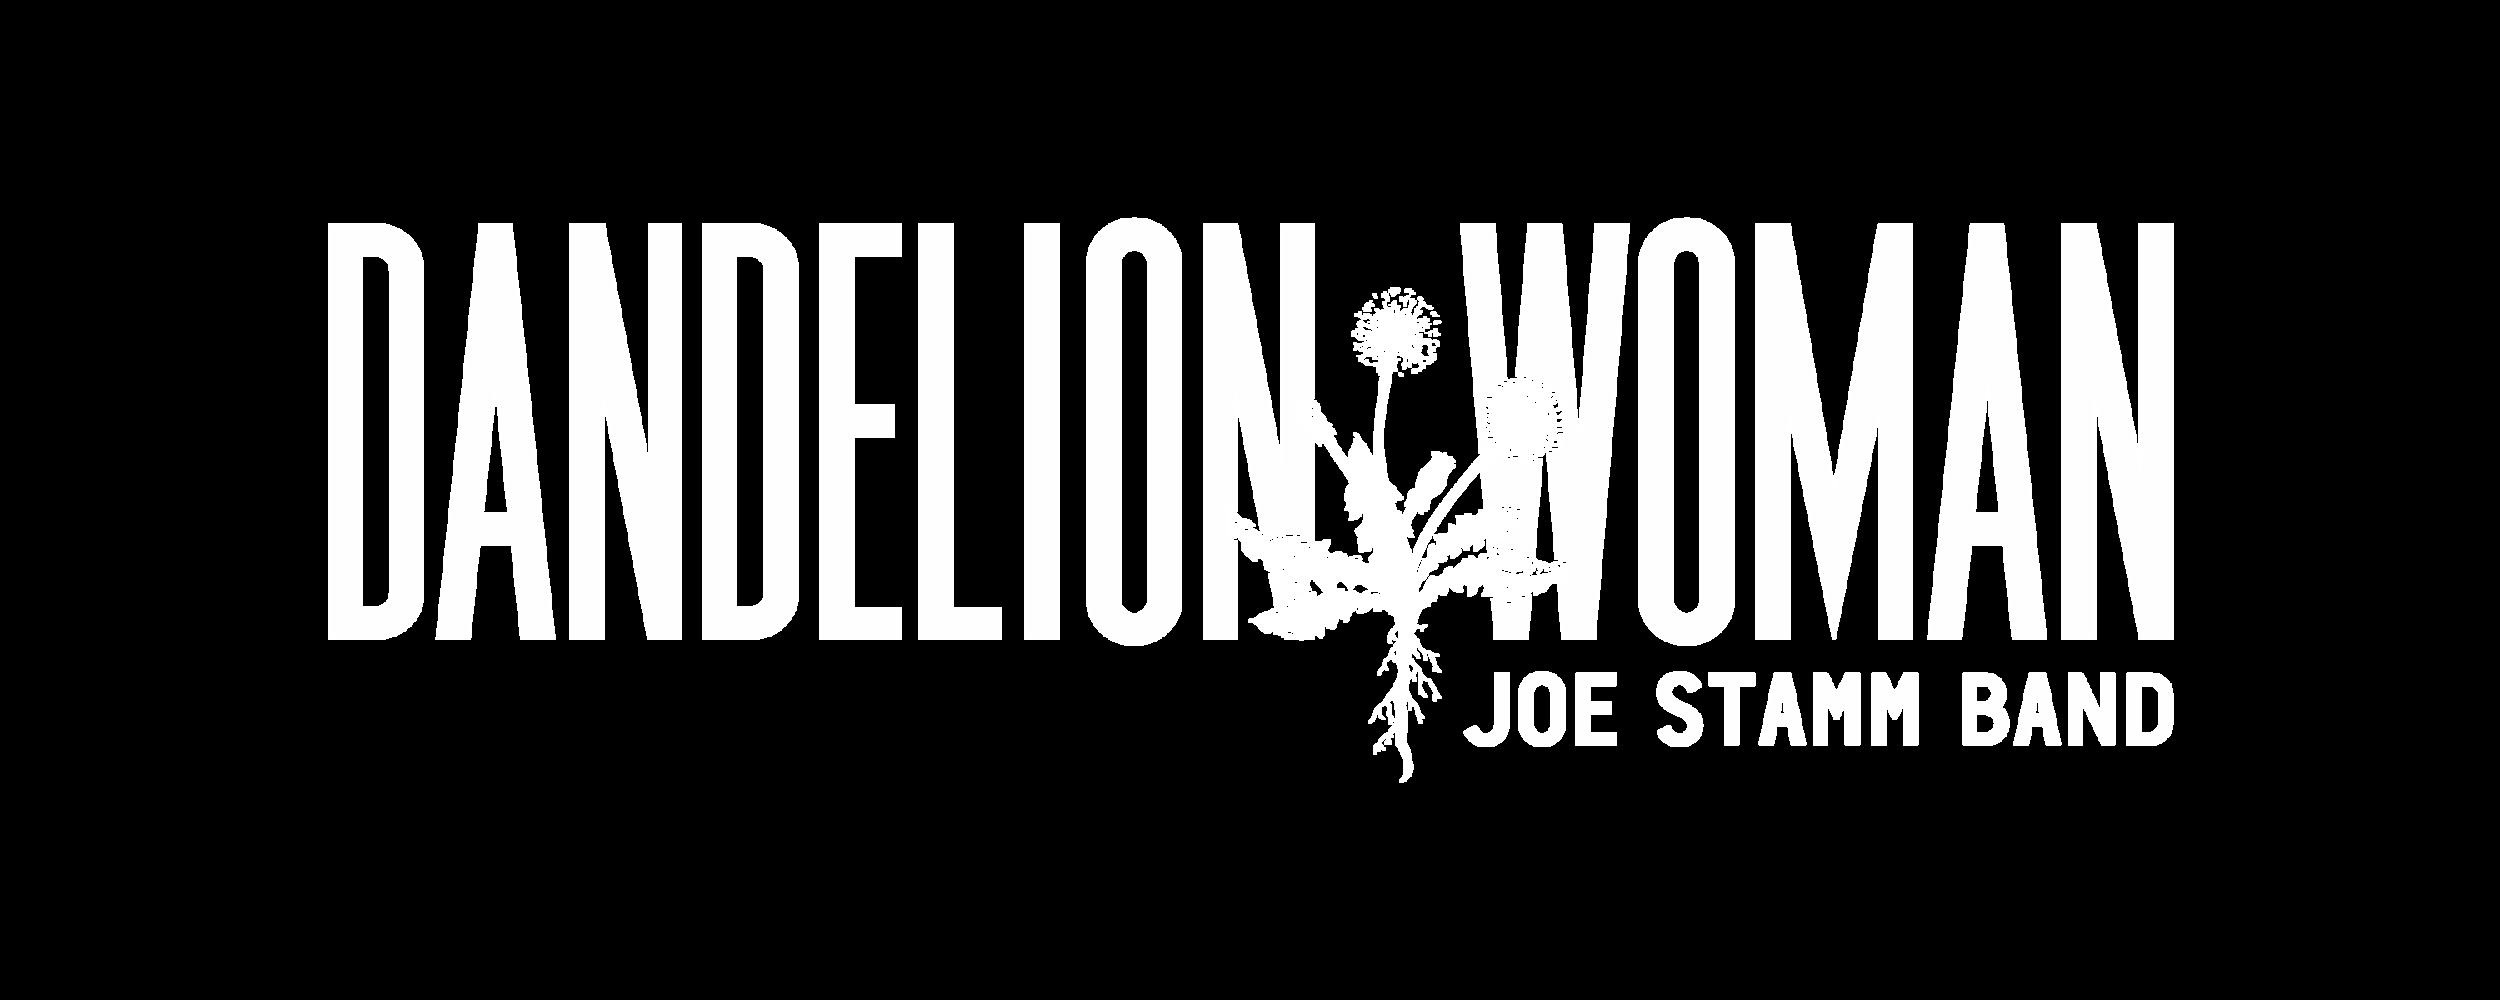 Dandelion Woman Logo-01.png